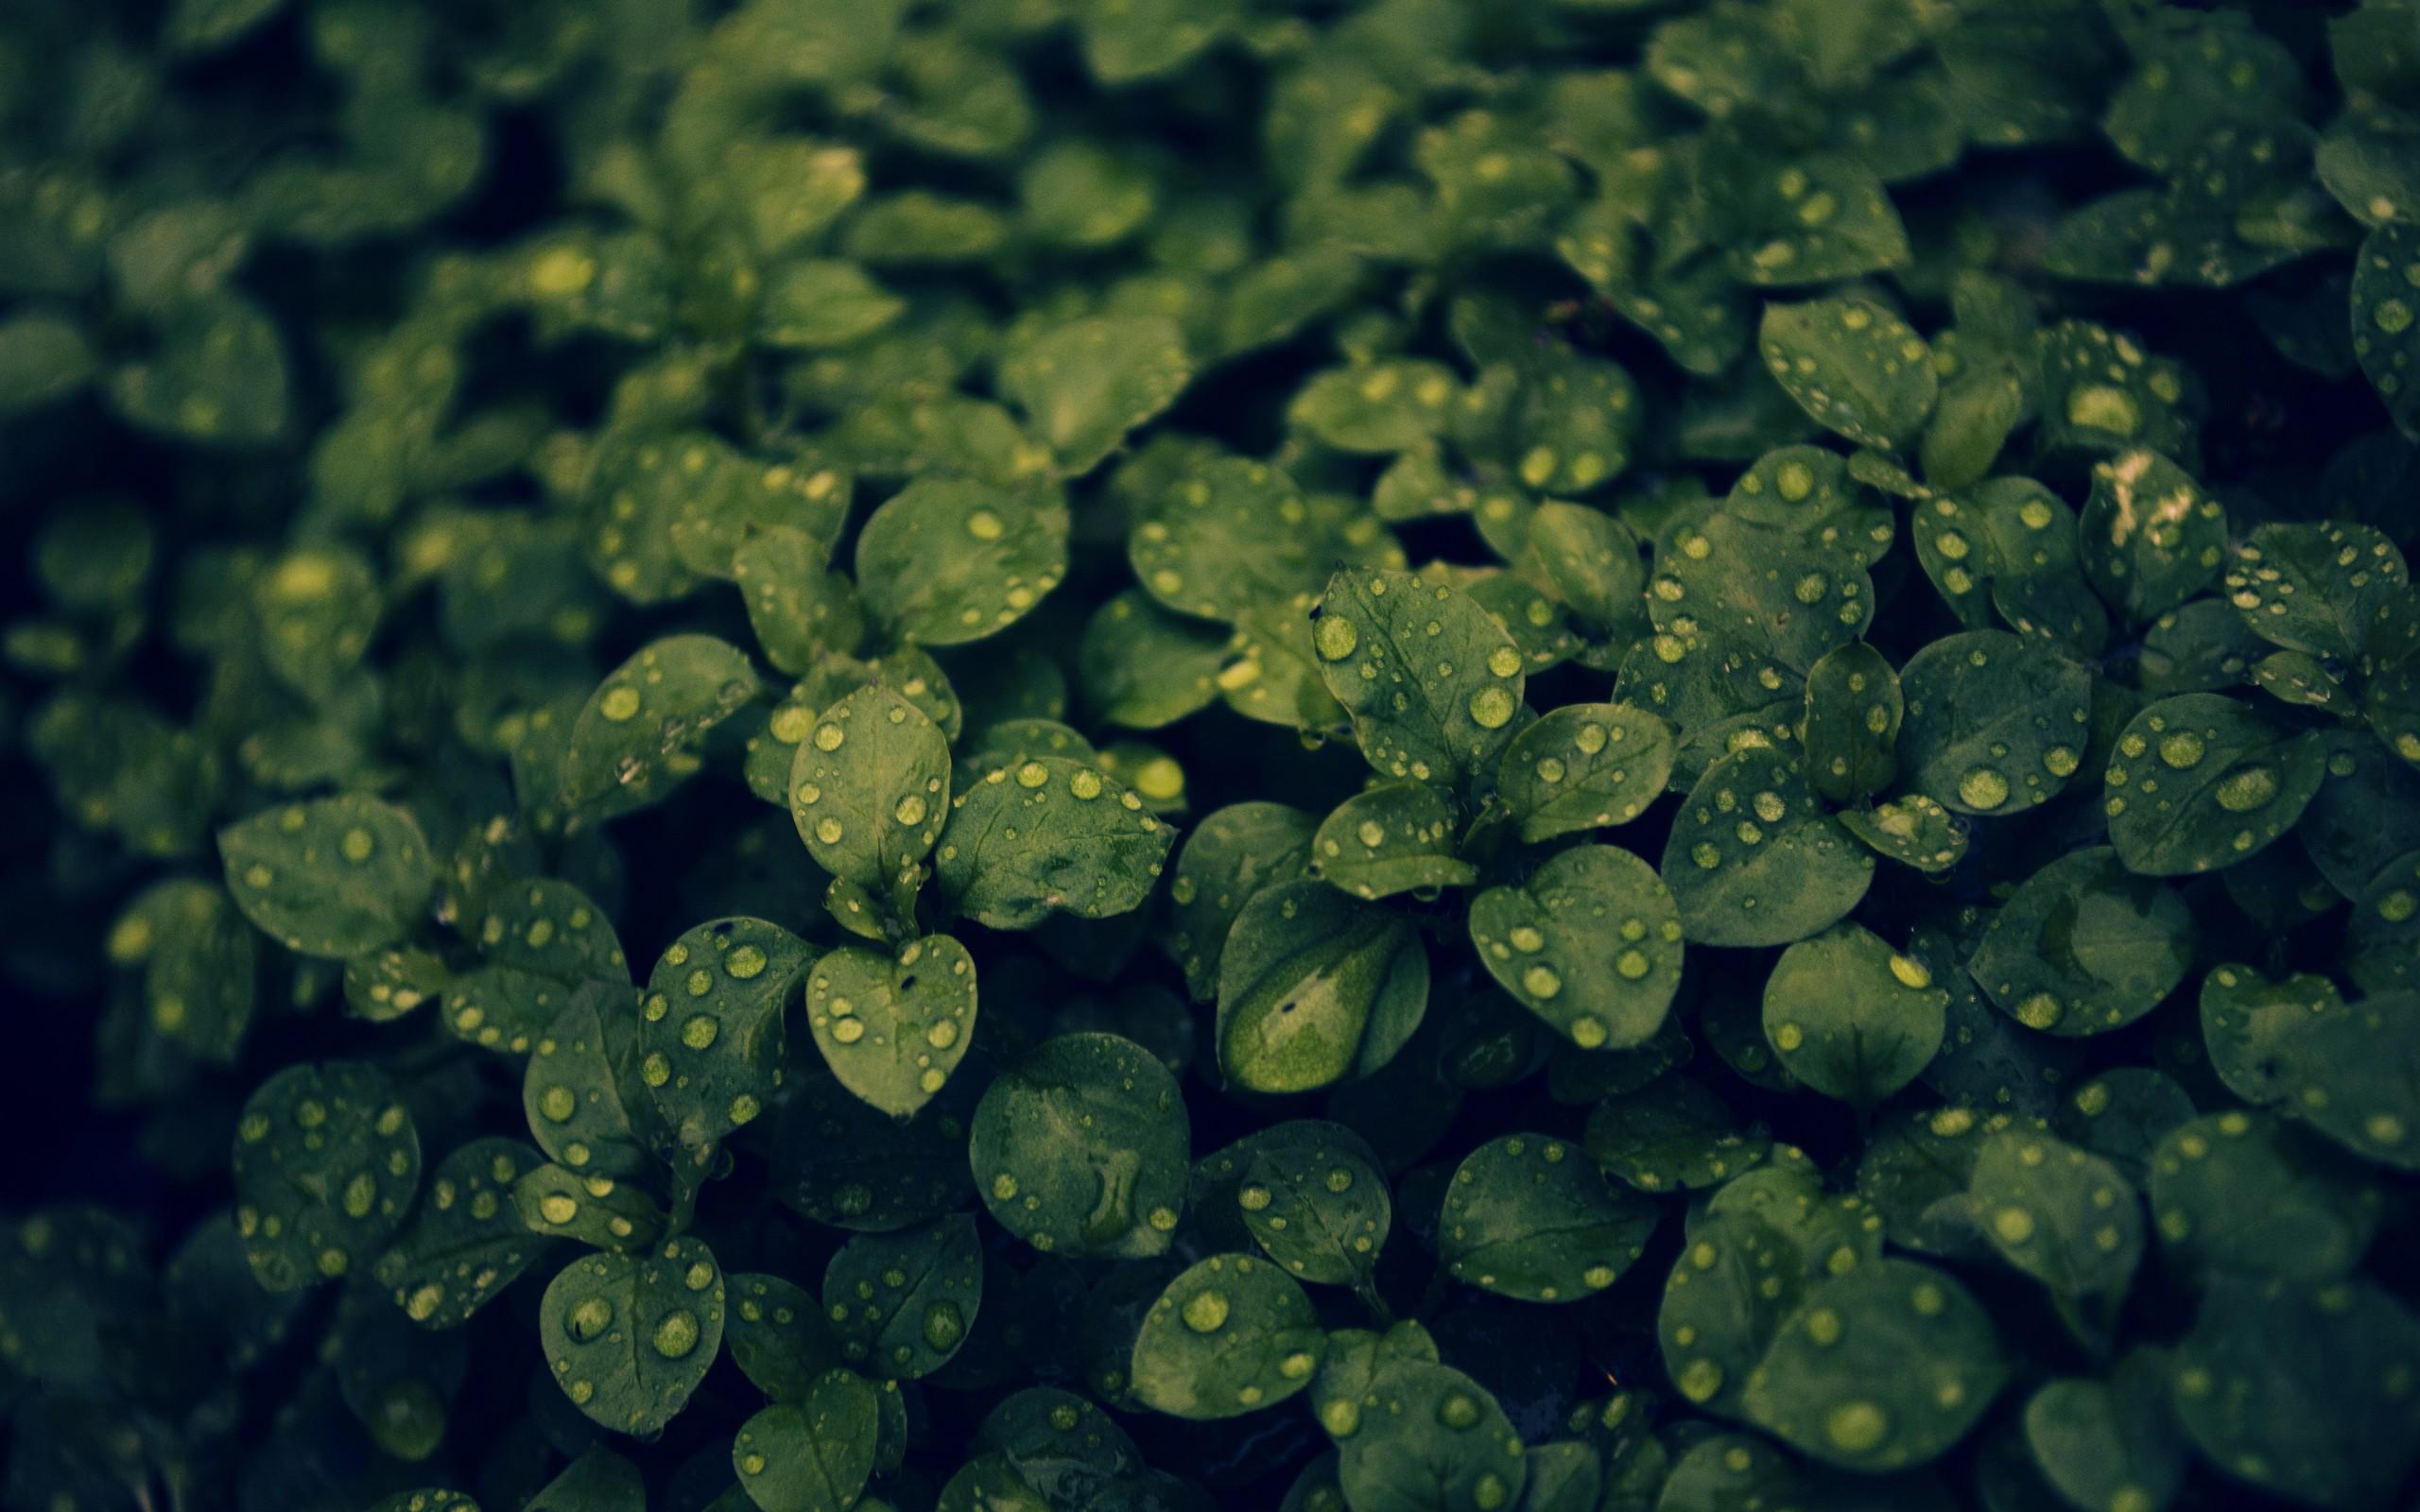 Macro Water Drop Plant Leaf 2560x1600